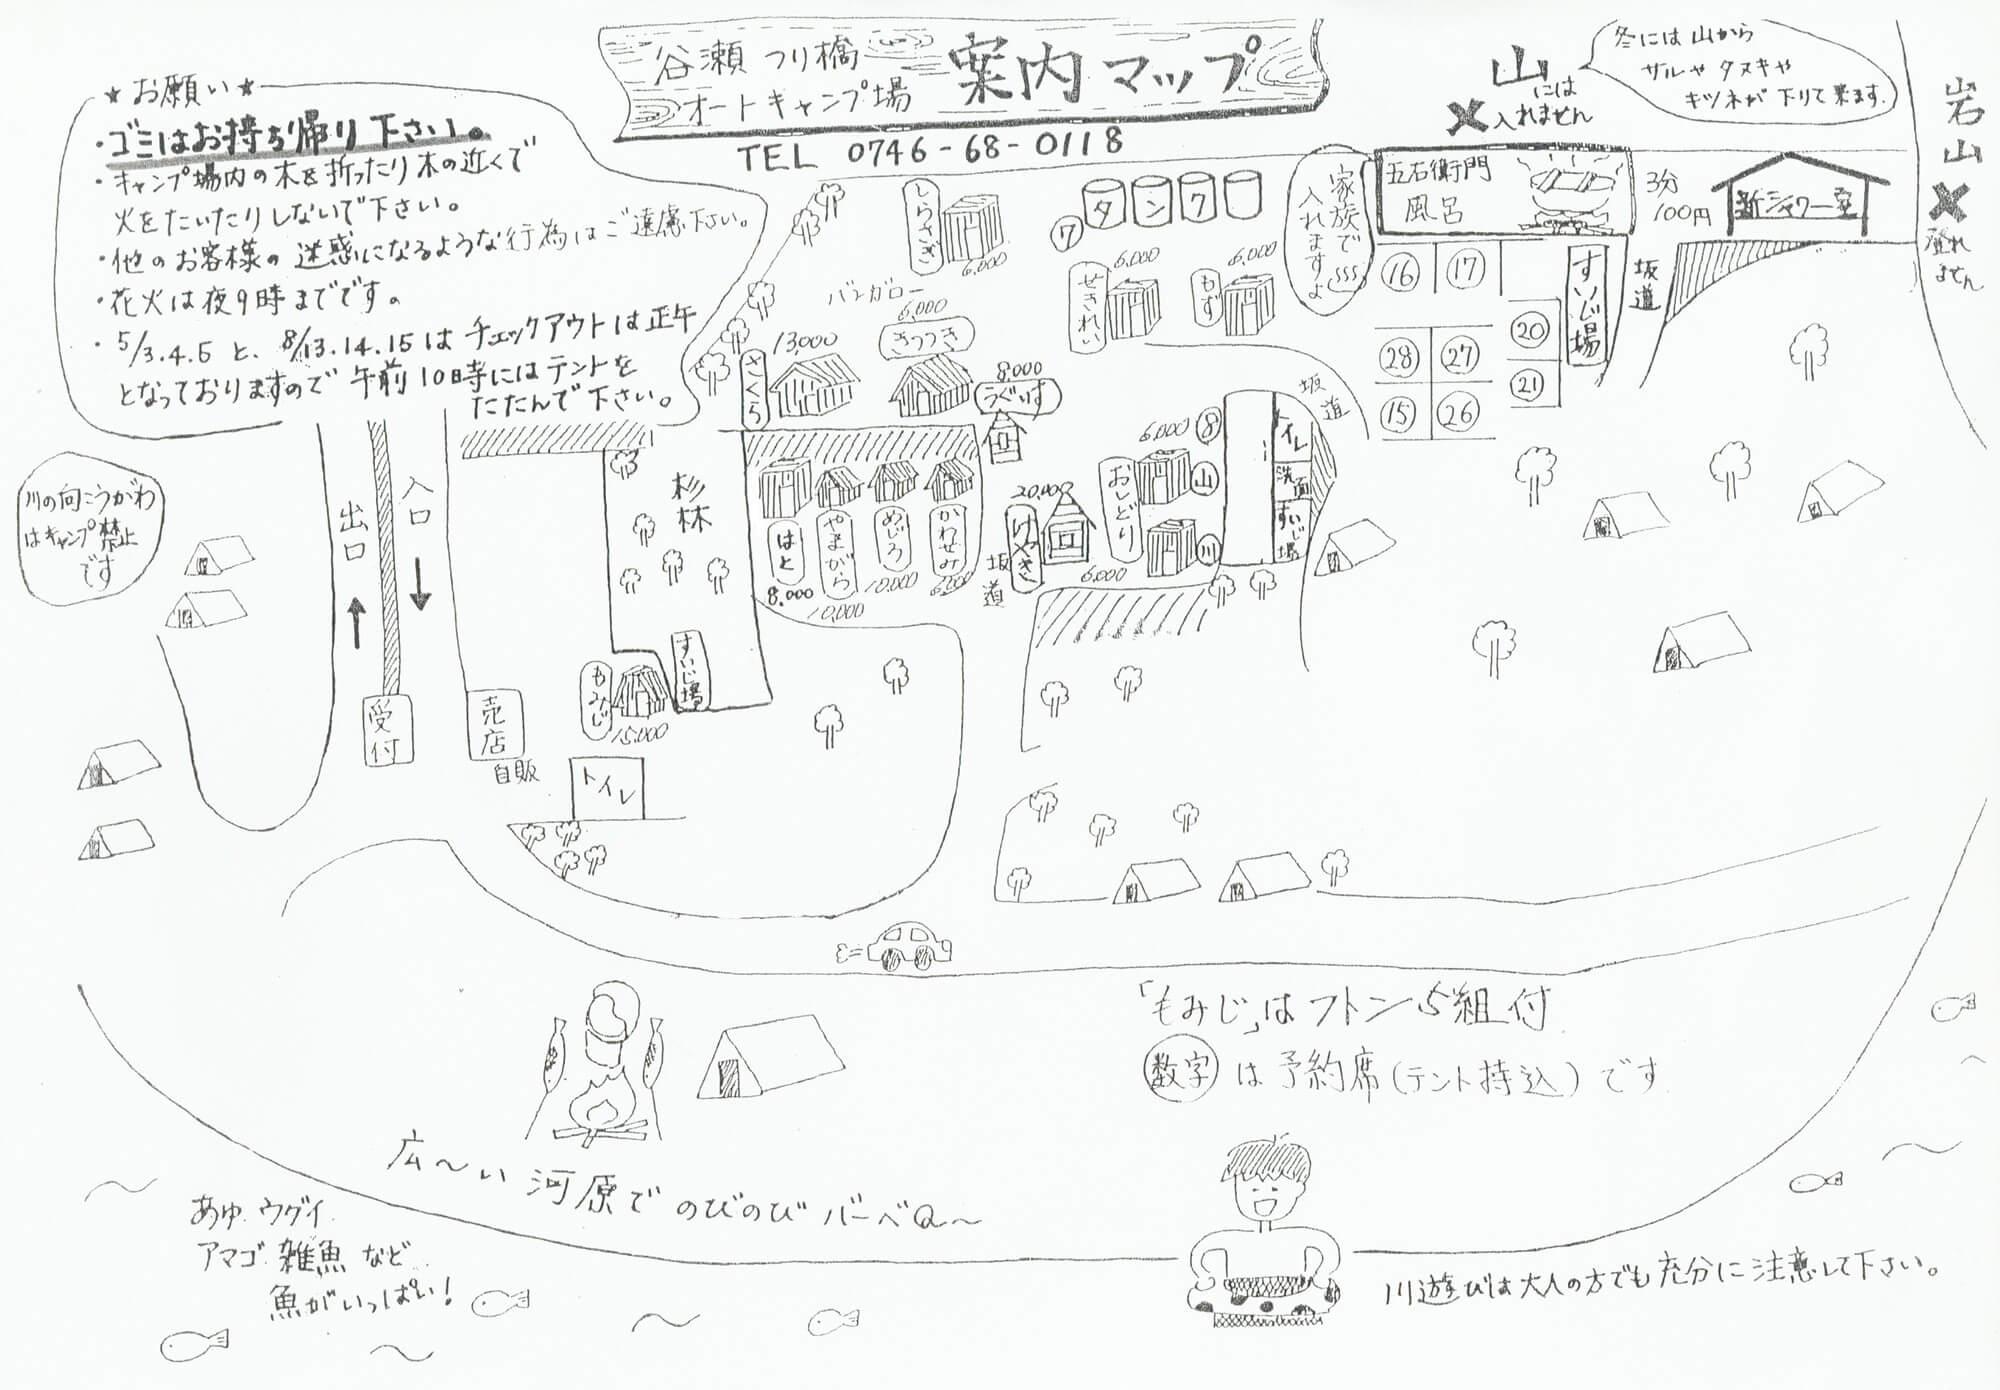 谷瀬つり橋オートキャンプ場の全体マップ